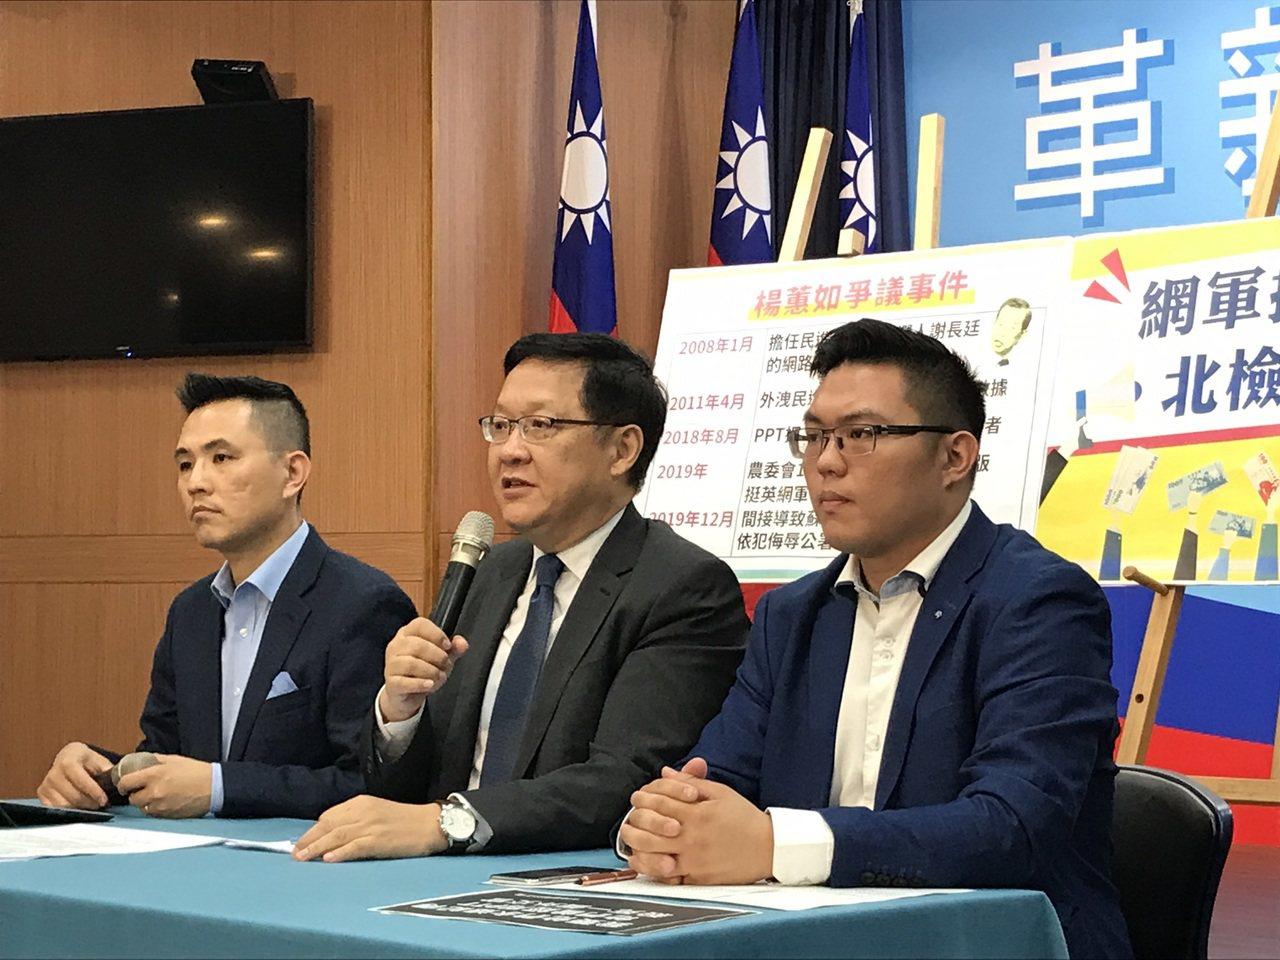 國民黨中央下午召開「網軍抓到了!北檢認證!」記者會。圖/國民黨提供。